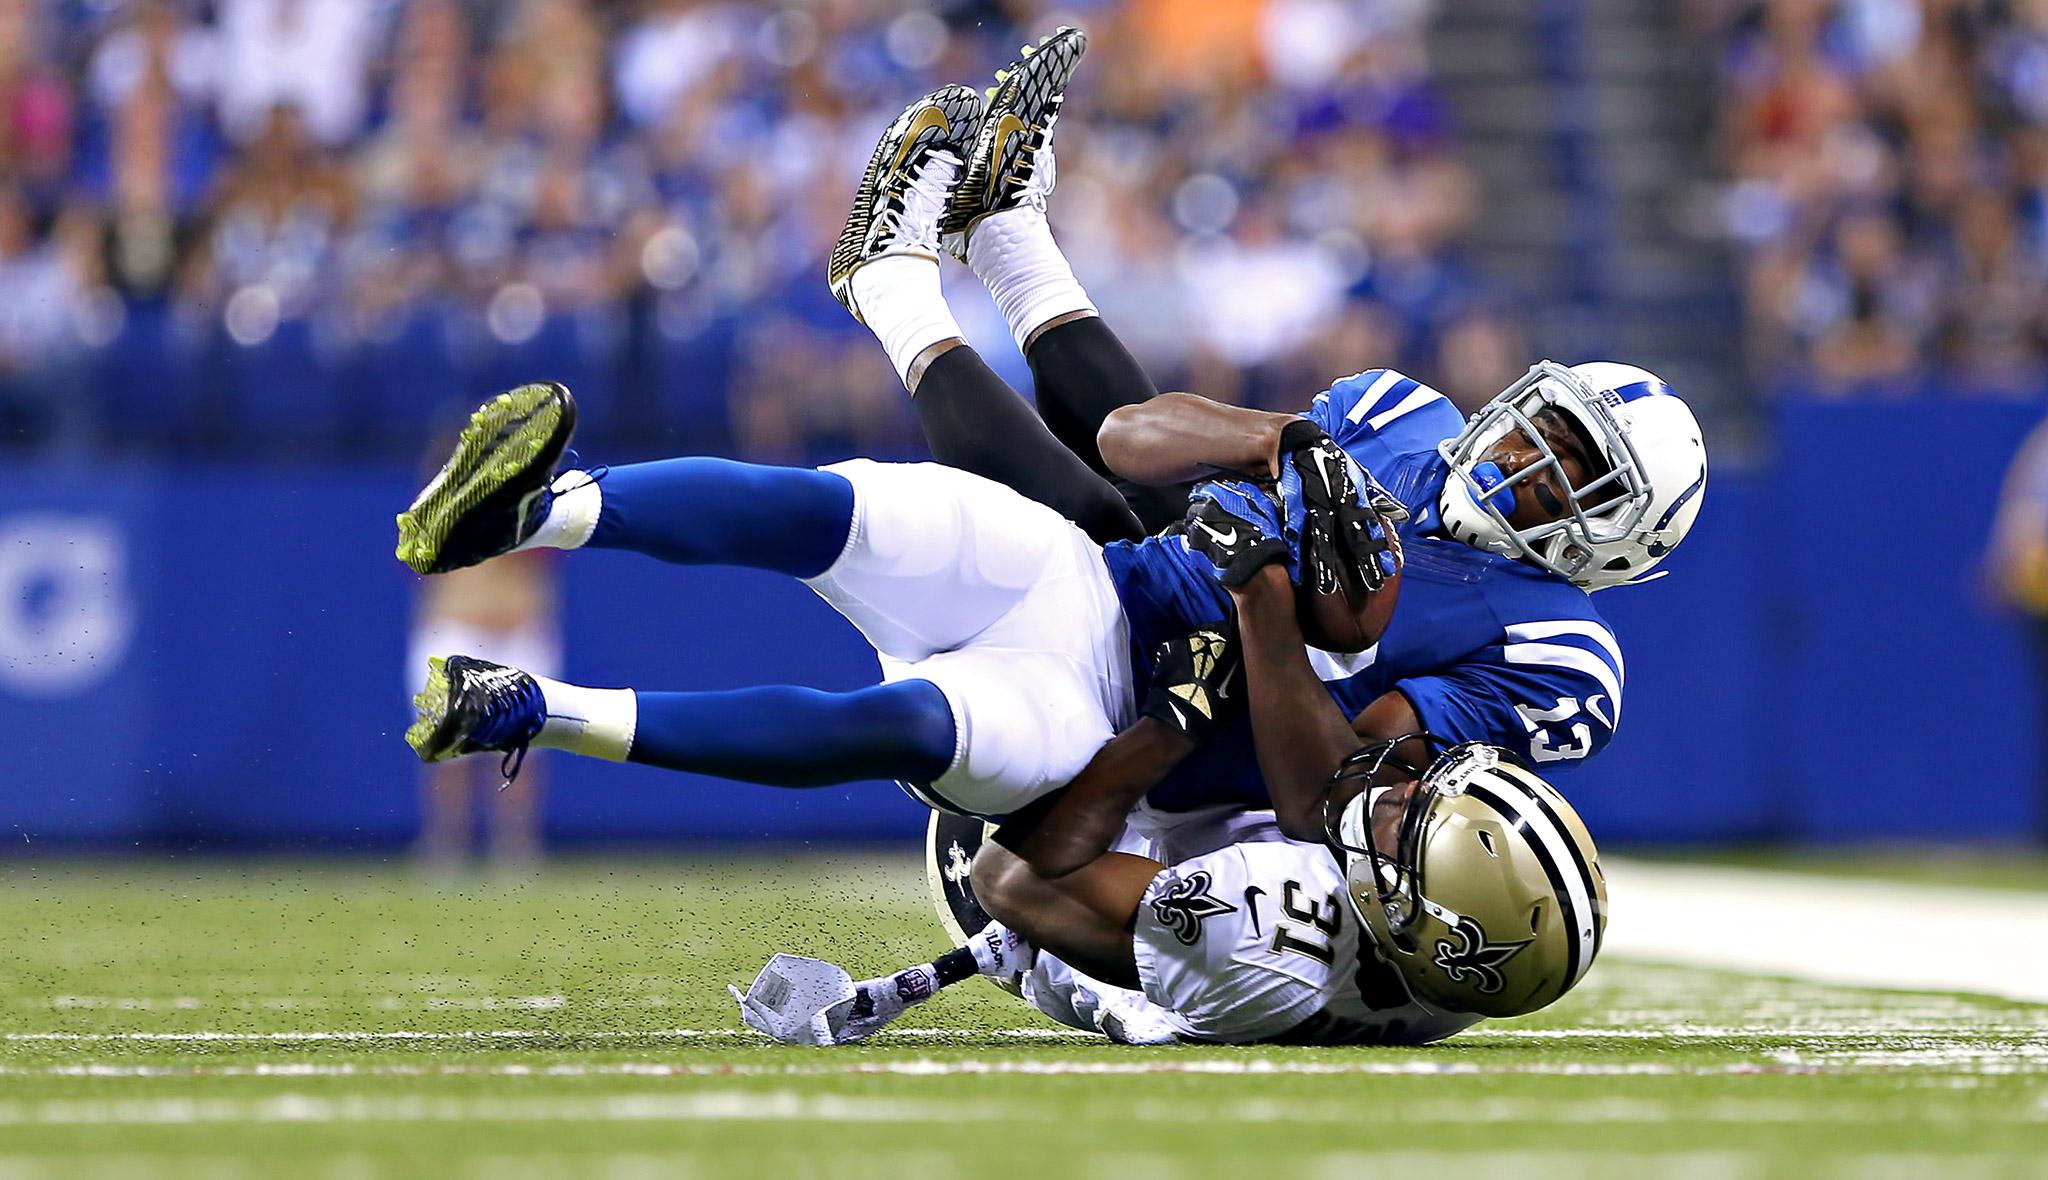 #NFLRank No. 20 Defense: Jairus Byrd